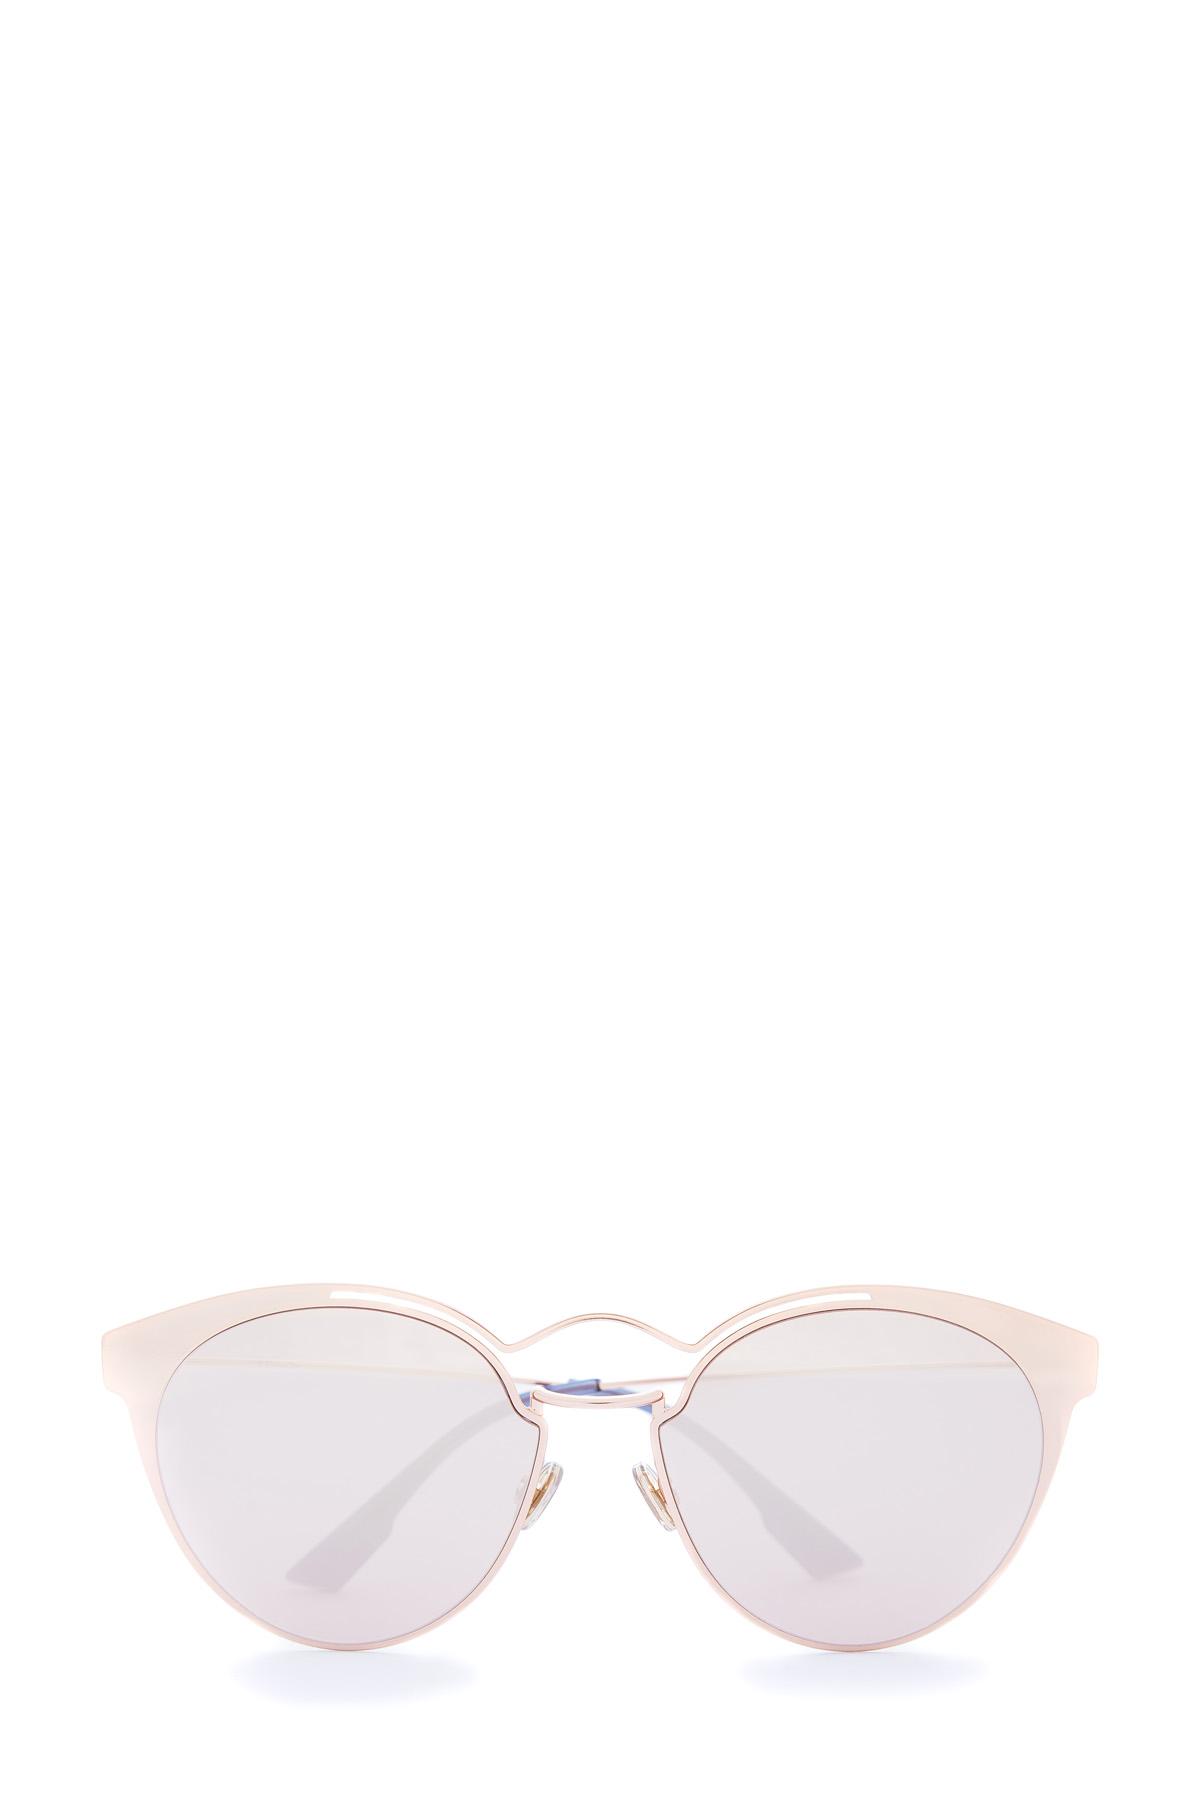 очки DIOR  sunglasses  women DIORNEBULA DDB